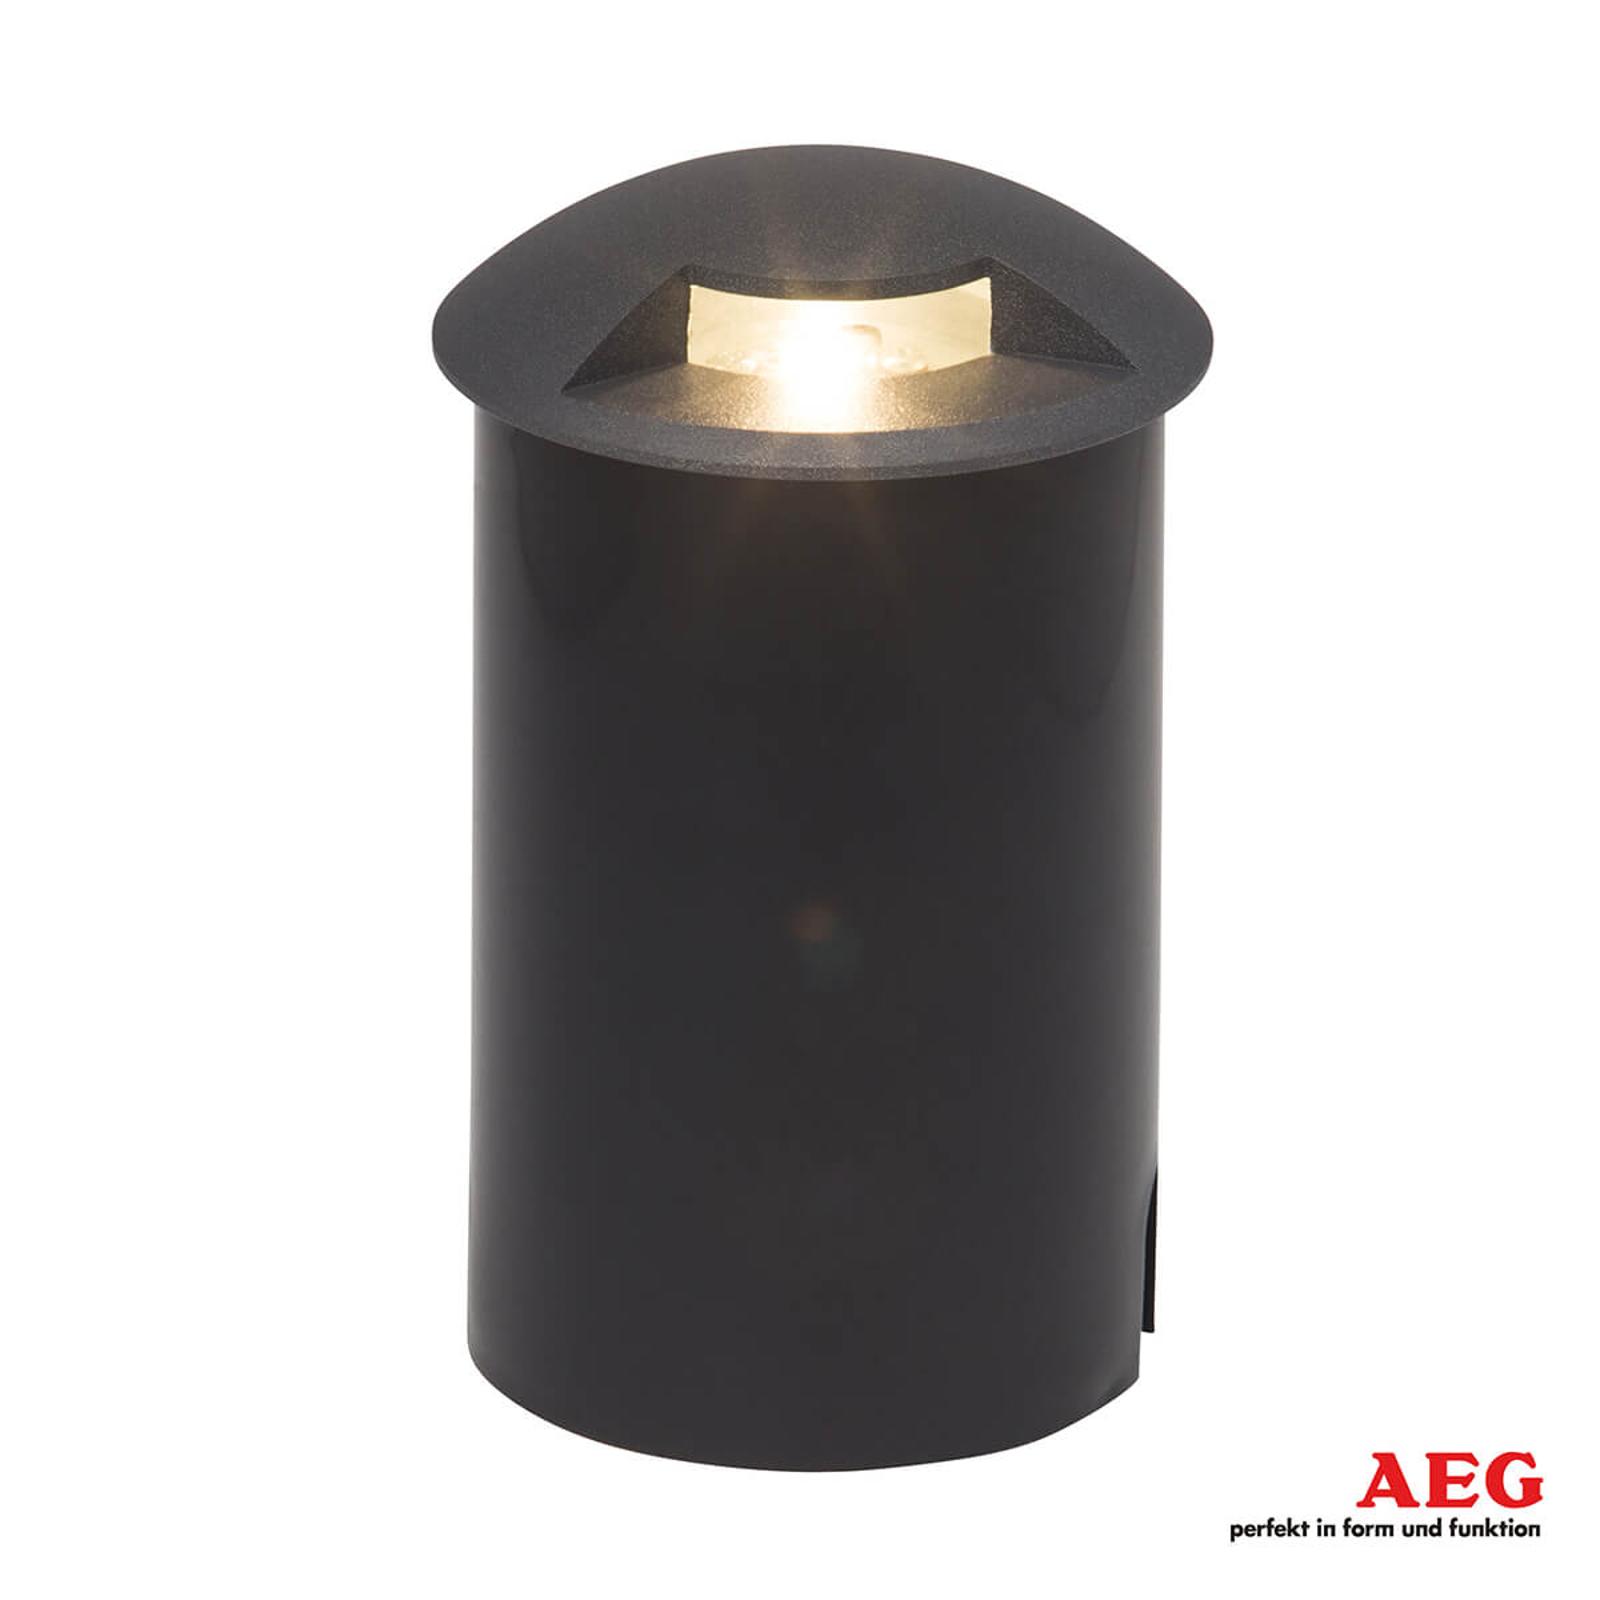 AEG Tritax yhdelle sivulle valaiseva LED-maaspotti